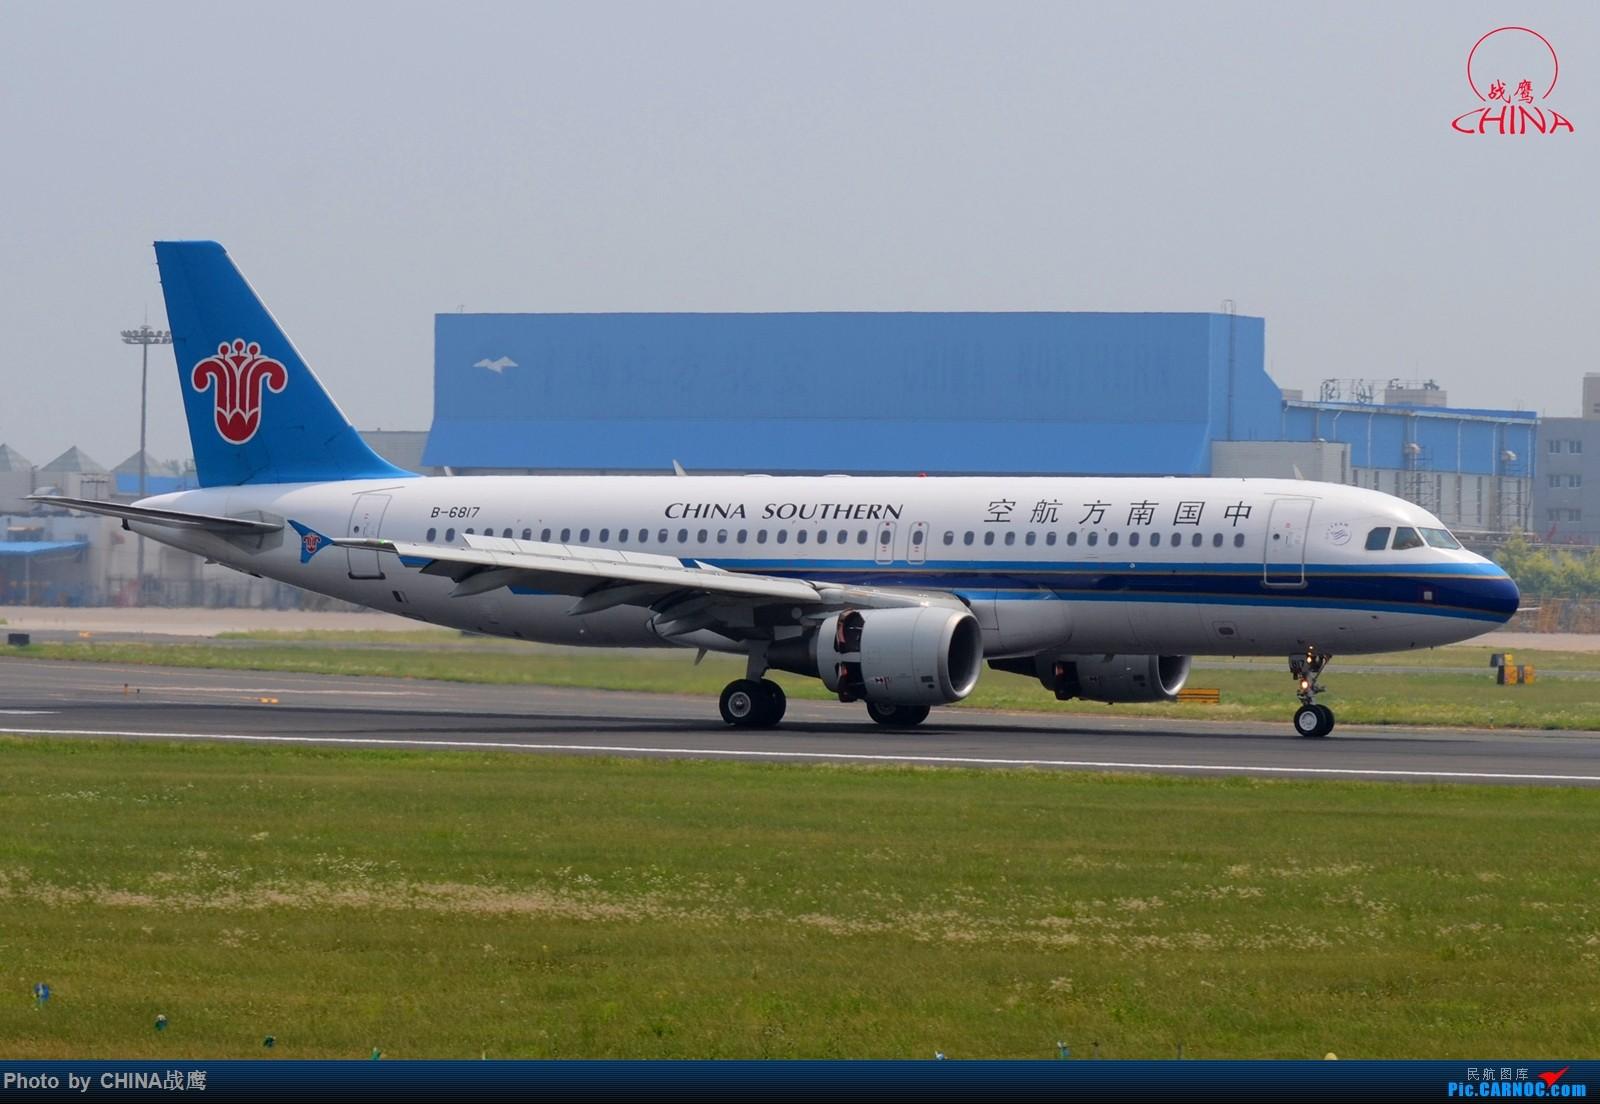 Re:[原创][SHE]透着竹竿鸟网的缝隙拍飞机 AIRBUS A320-200 B-6817 中国沈阳桃仙国际机场